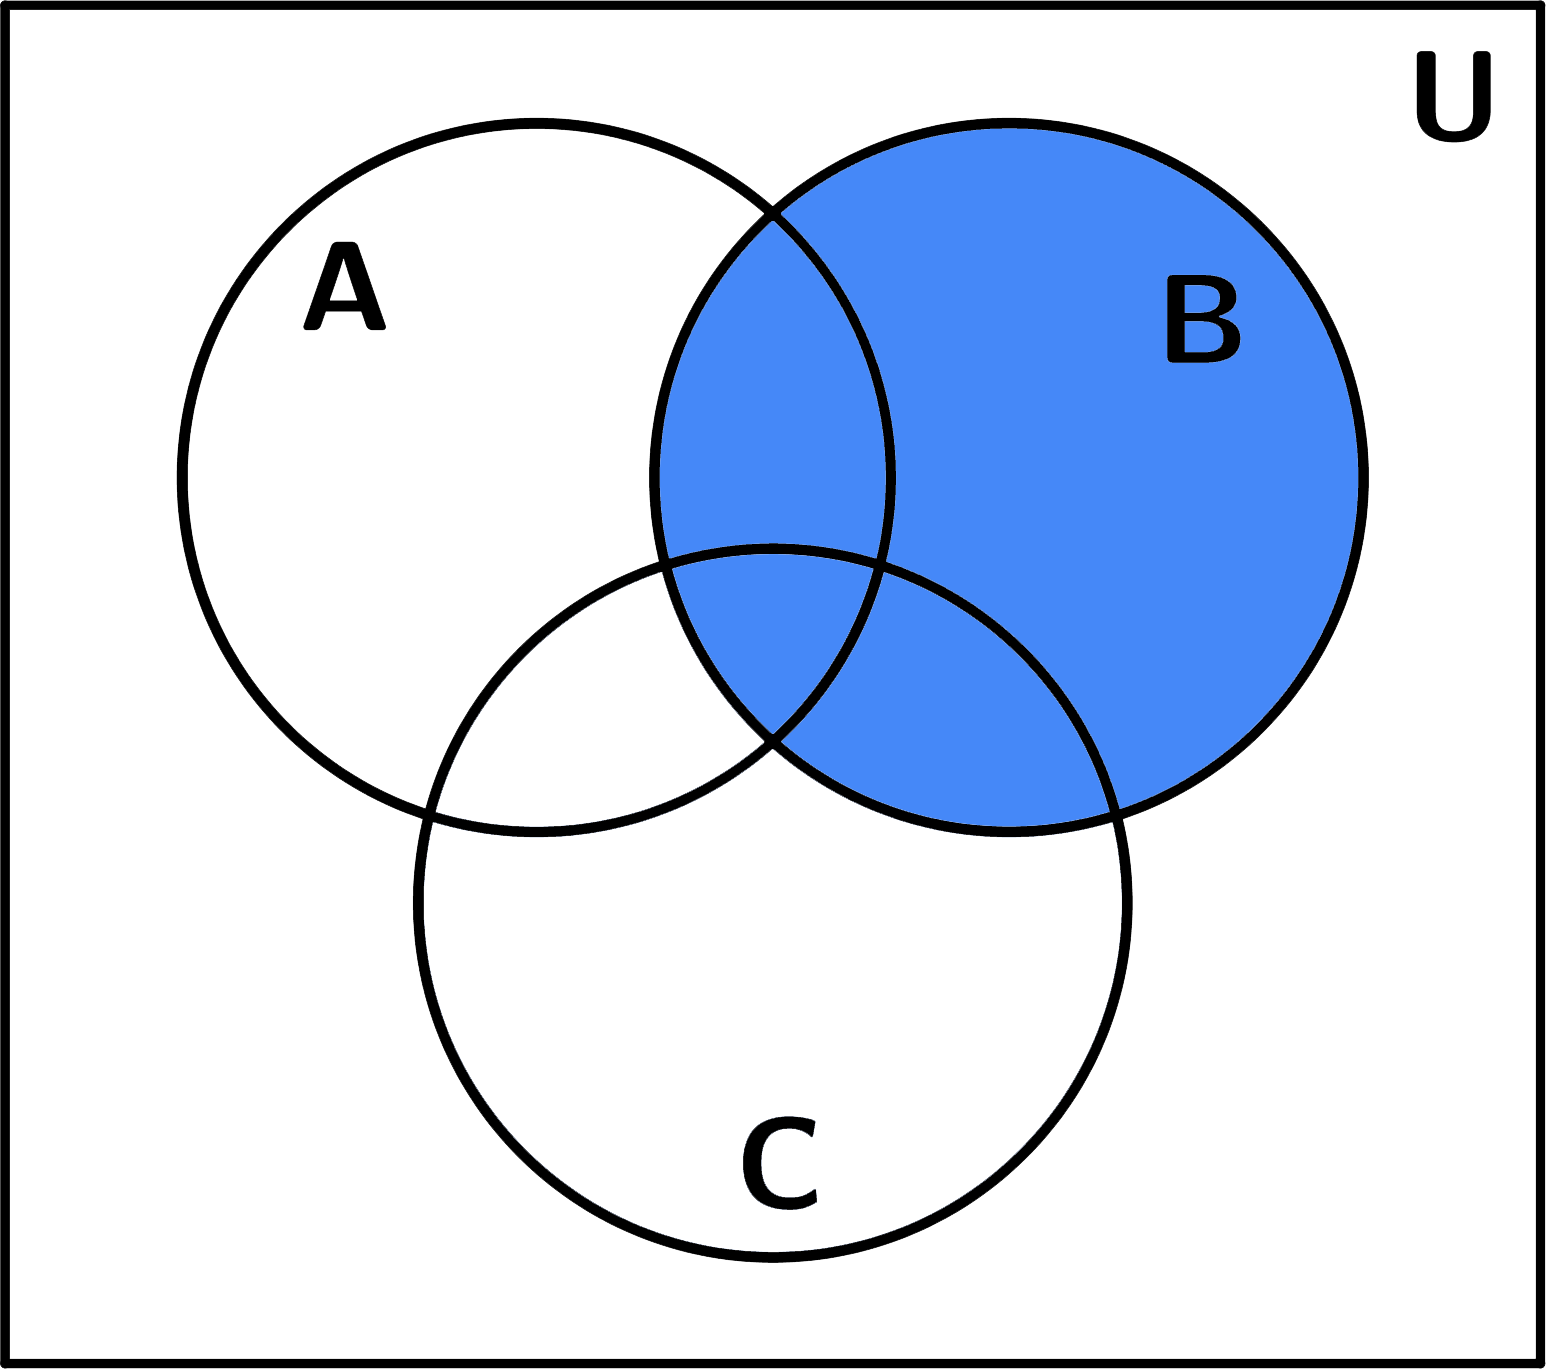 diagramas de venn ejercicios resueltos diagrama de venn conjunto b ccuart Choice Image